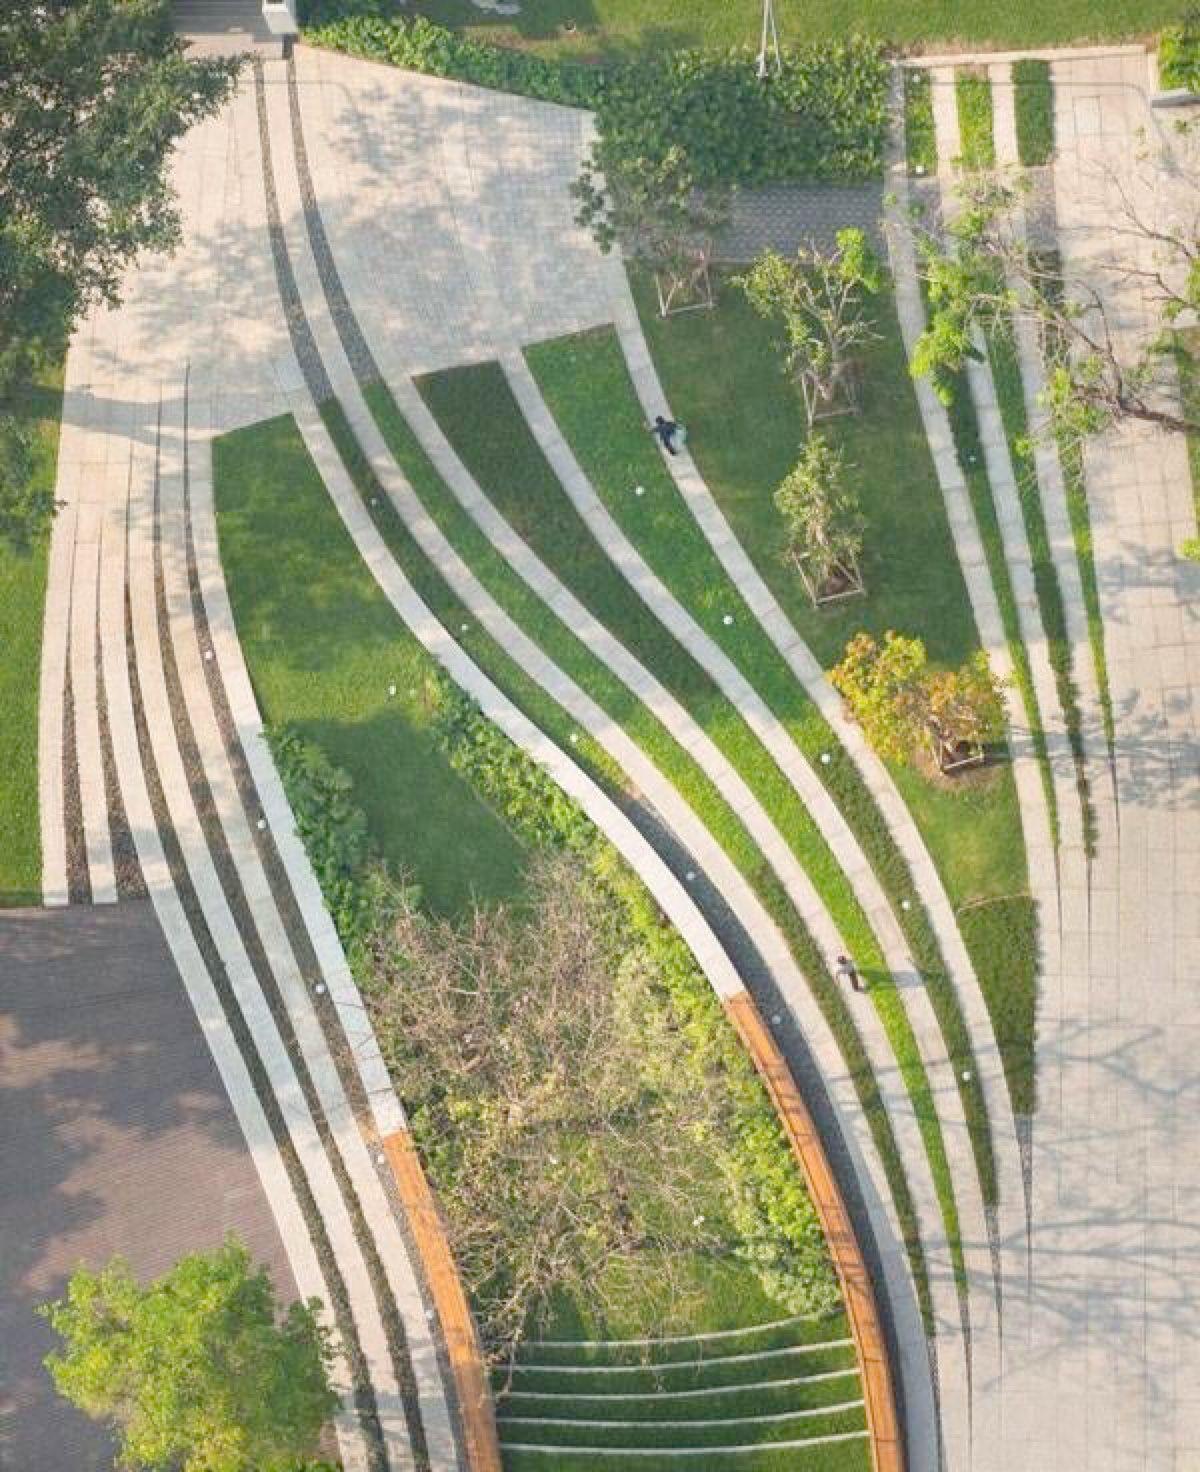 Landscape Architecture Design Miami Than Can Landscape Architects Design Buildings Urban Landscape Design Landscape Architecture Design Landscape Architecture